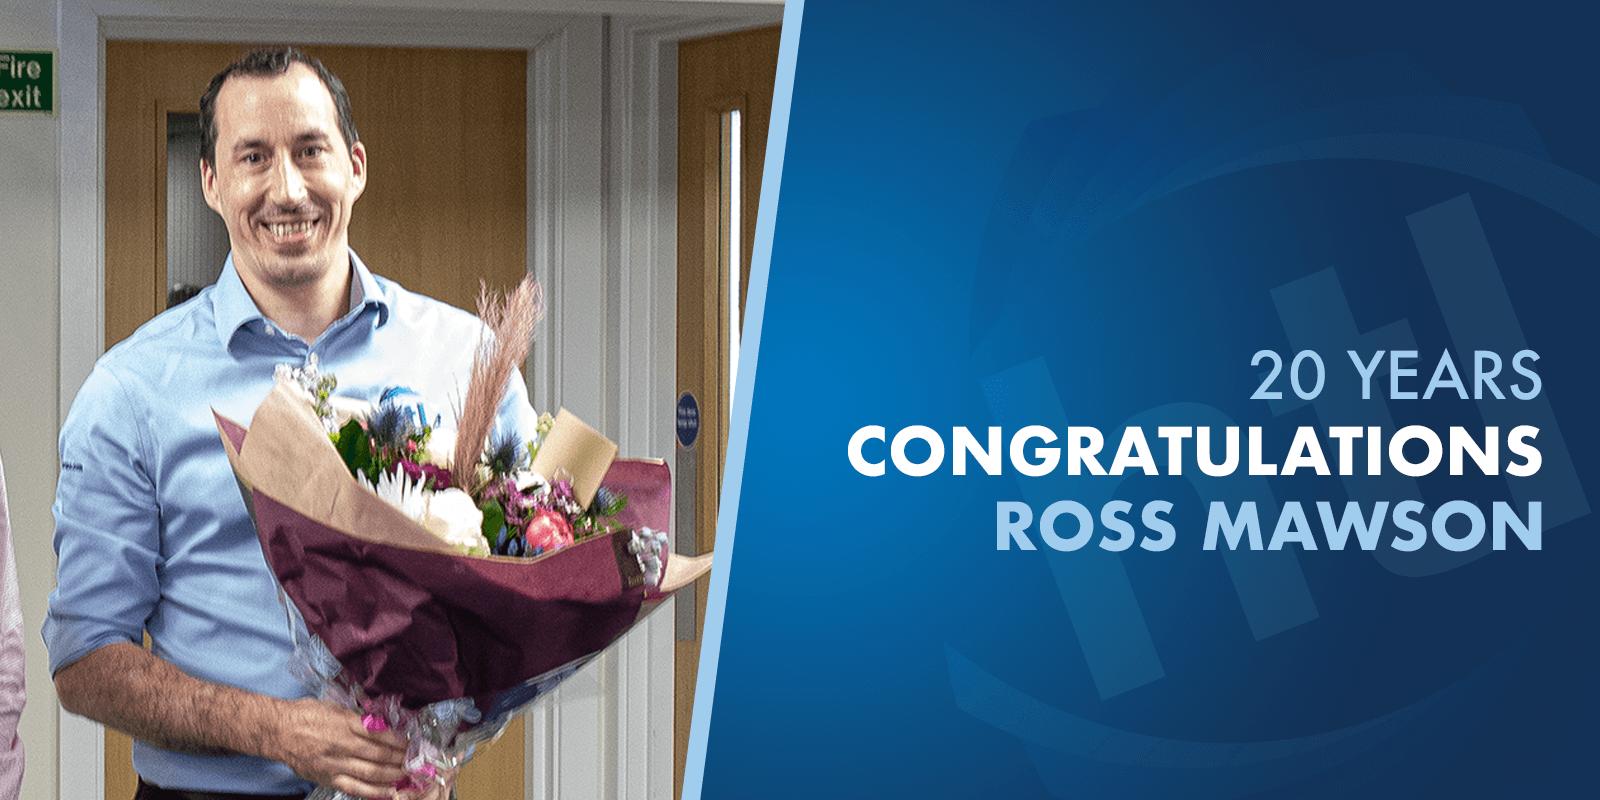 Ross Mawson 20 Years Work Anniversary